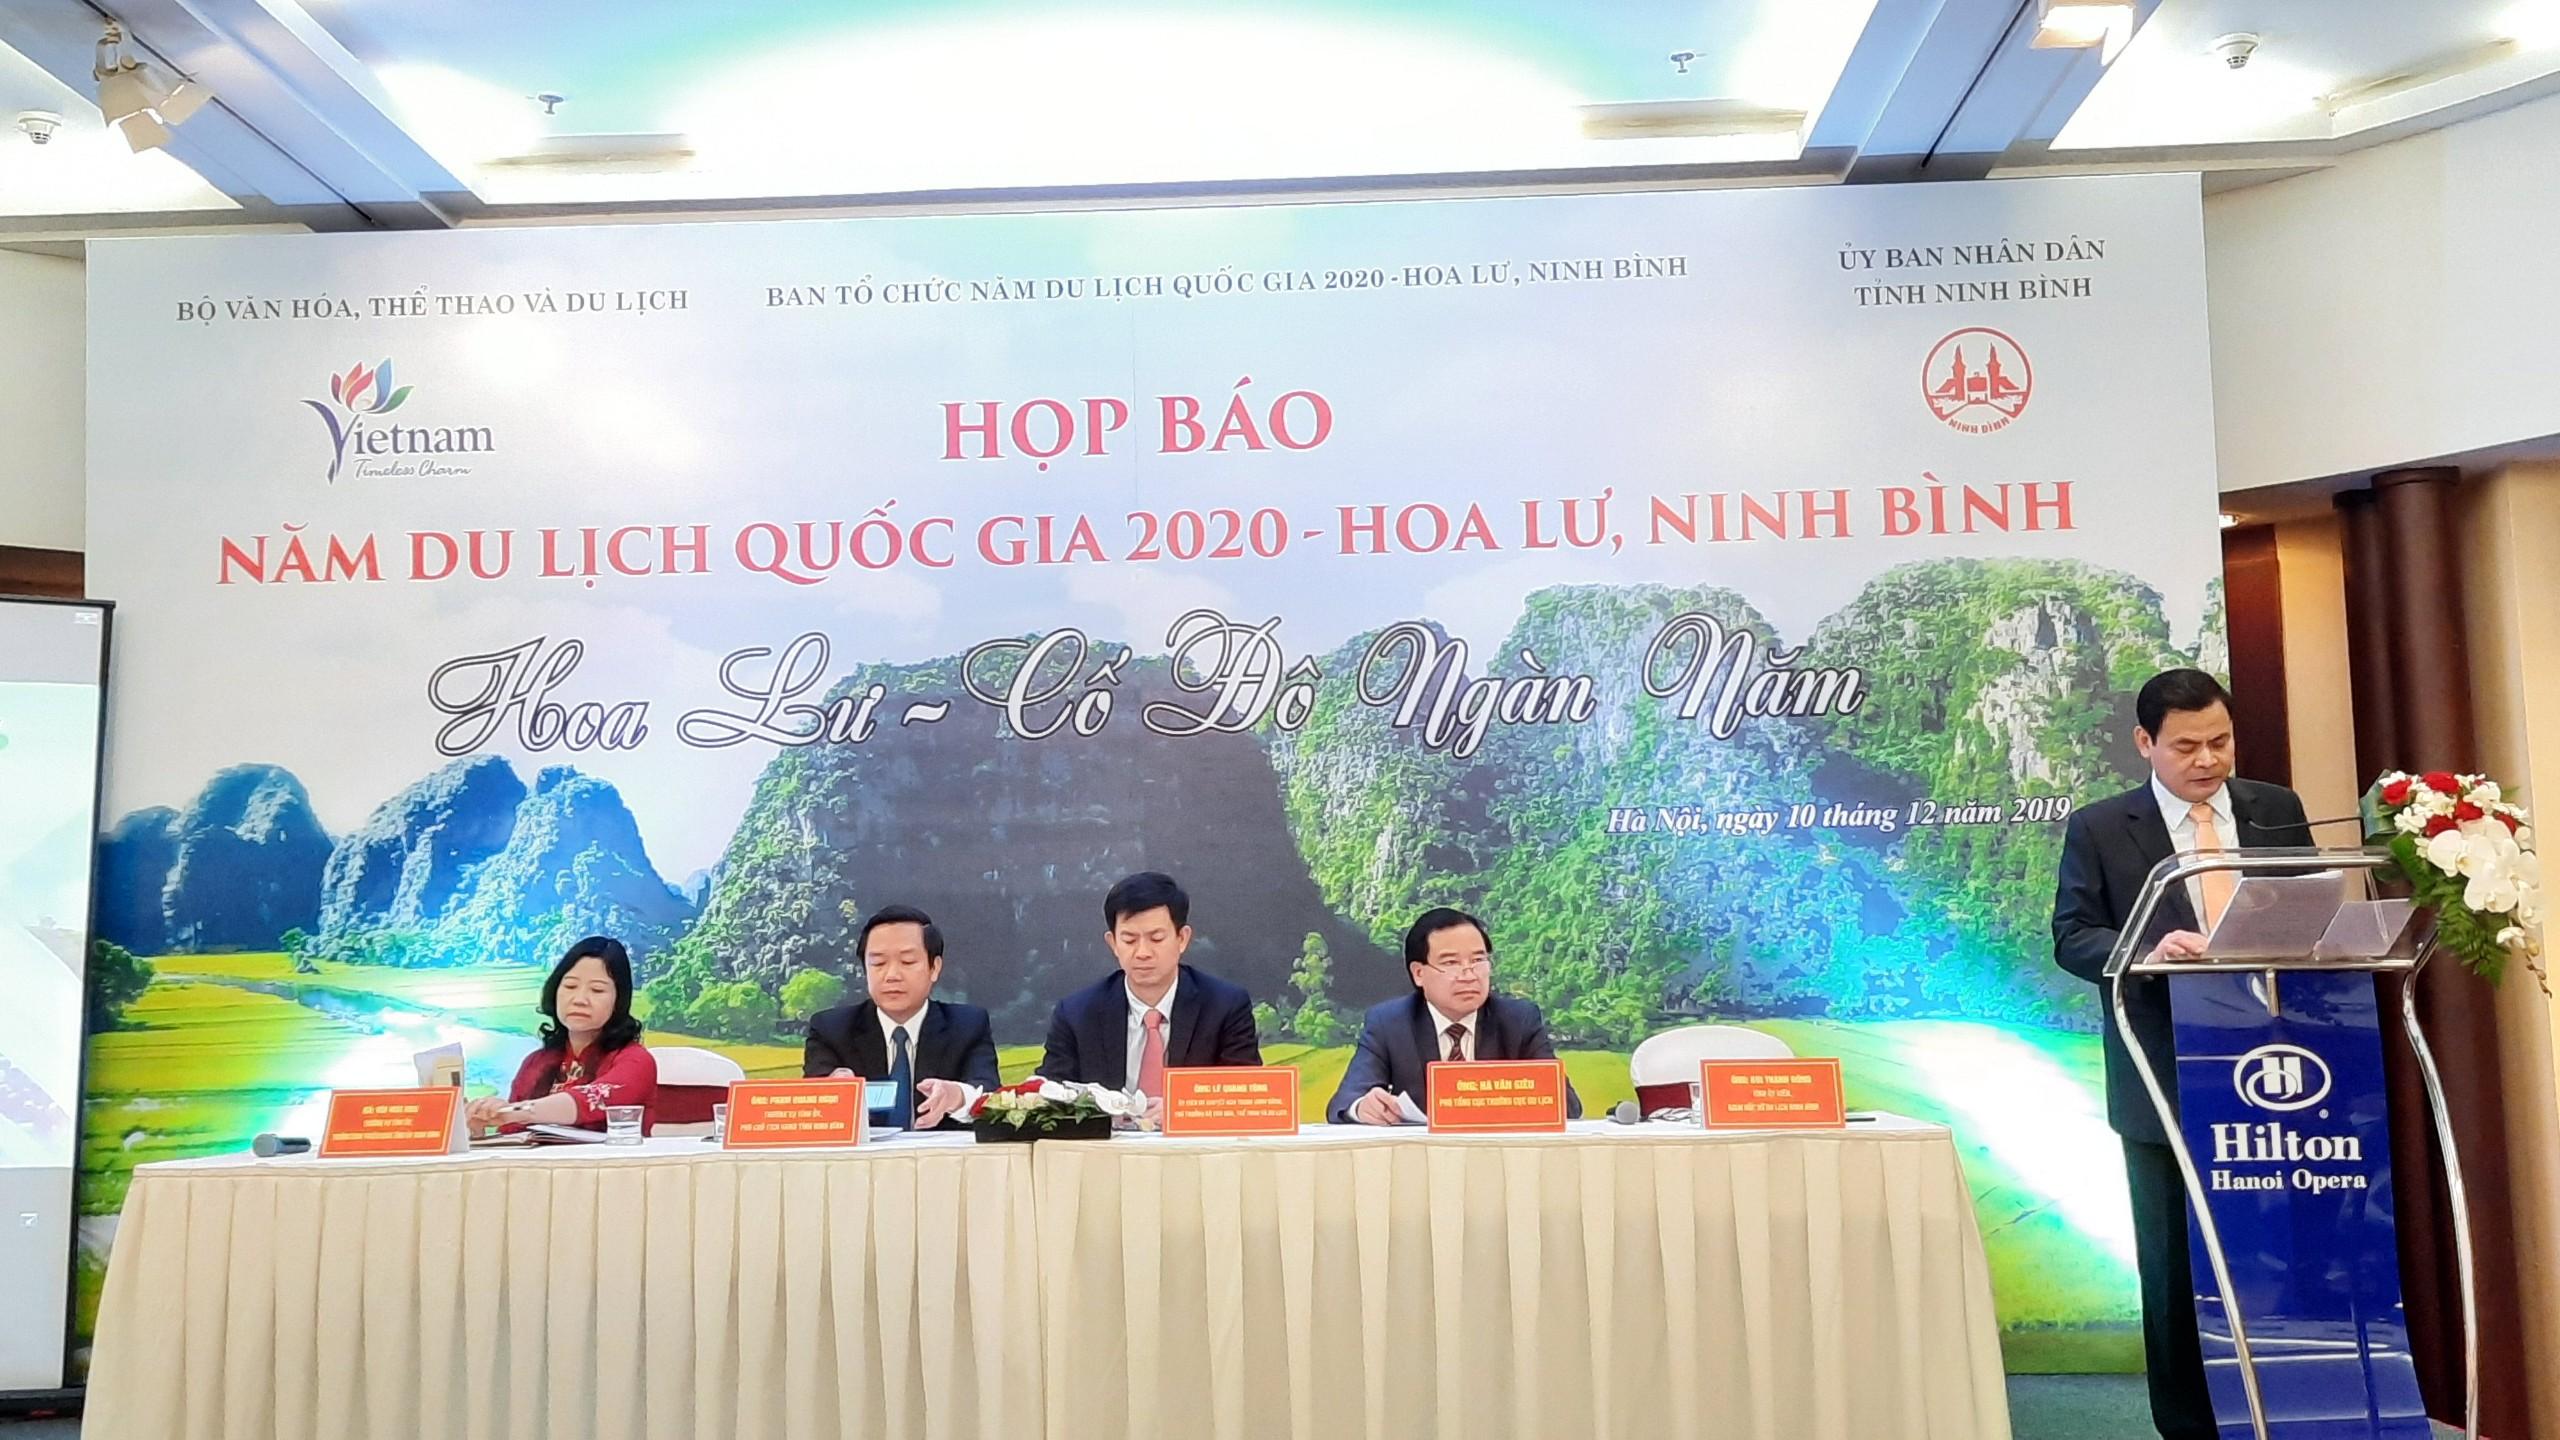 Cơ hội lớn để Ninh Bình quảng bá, xúc tiến du lịch